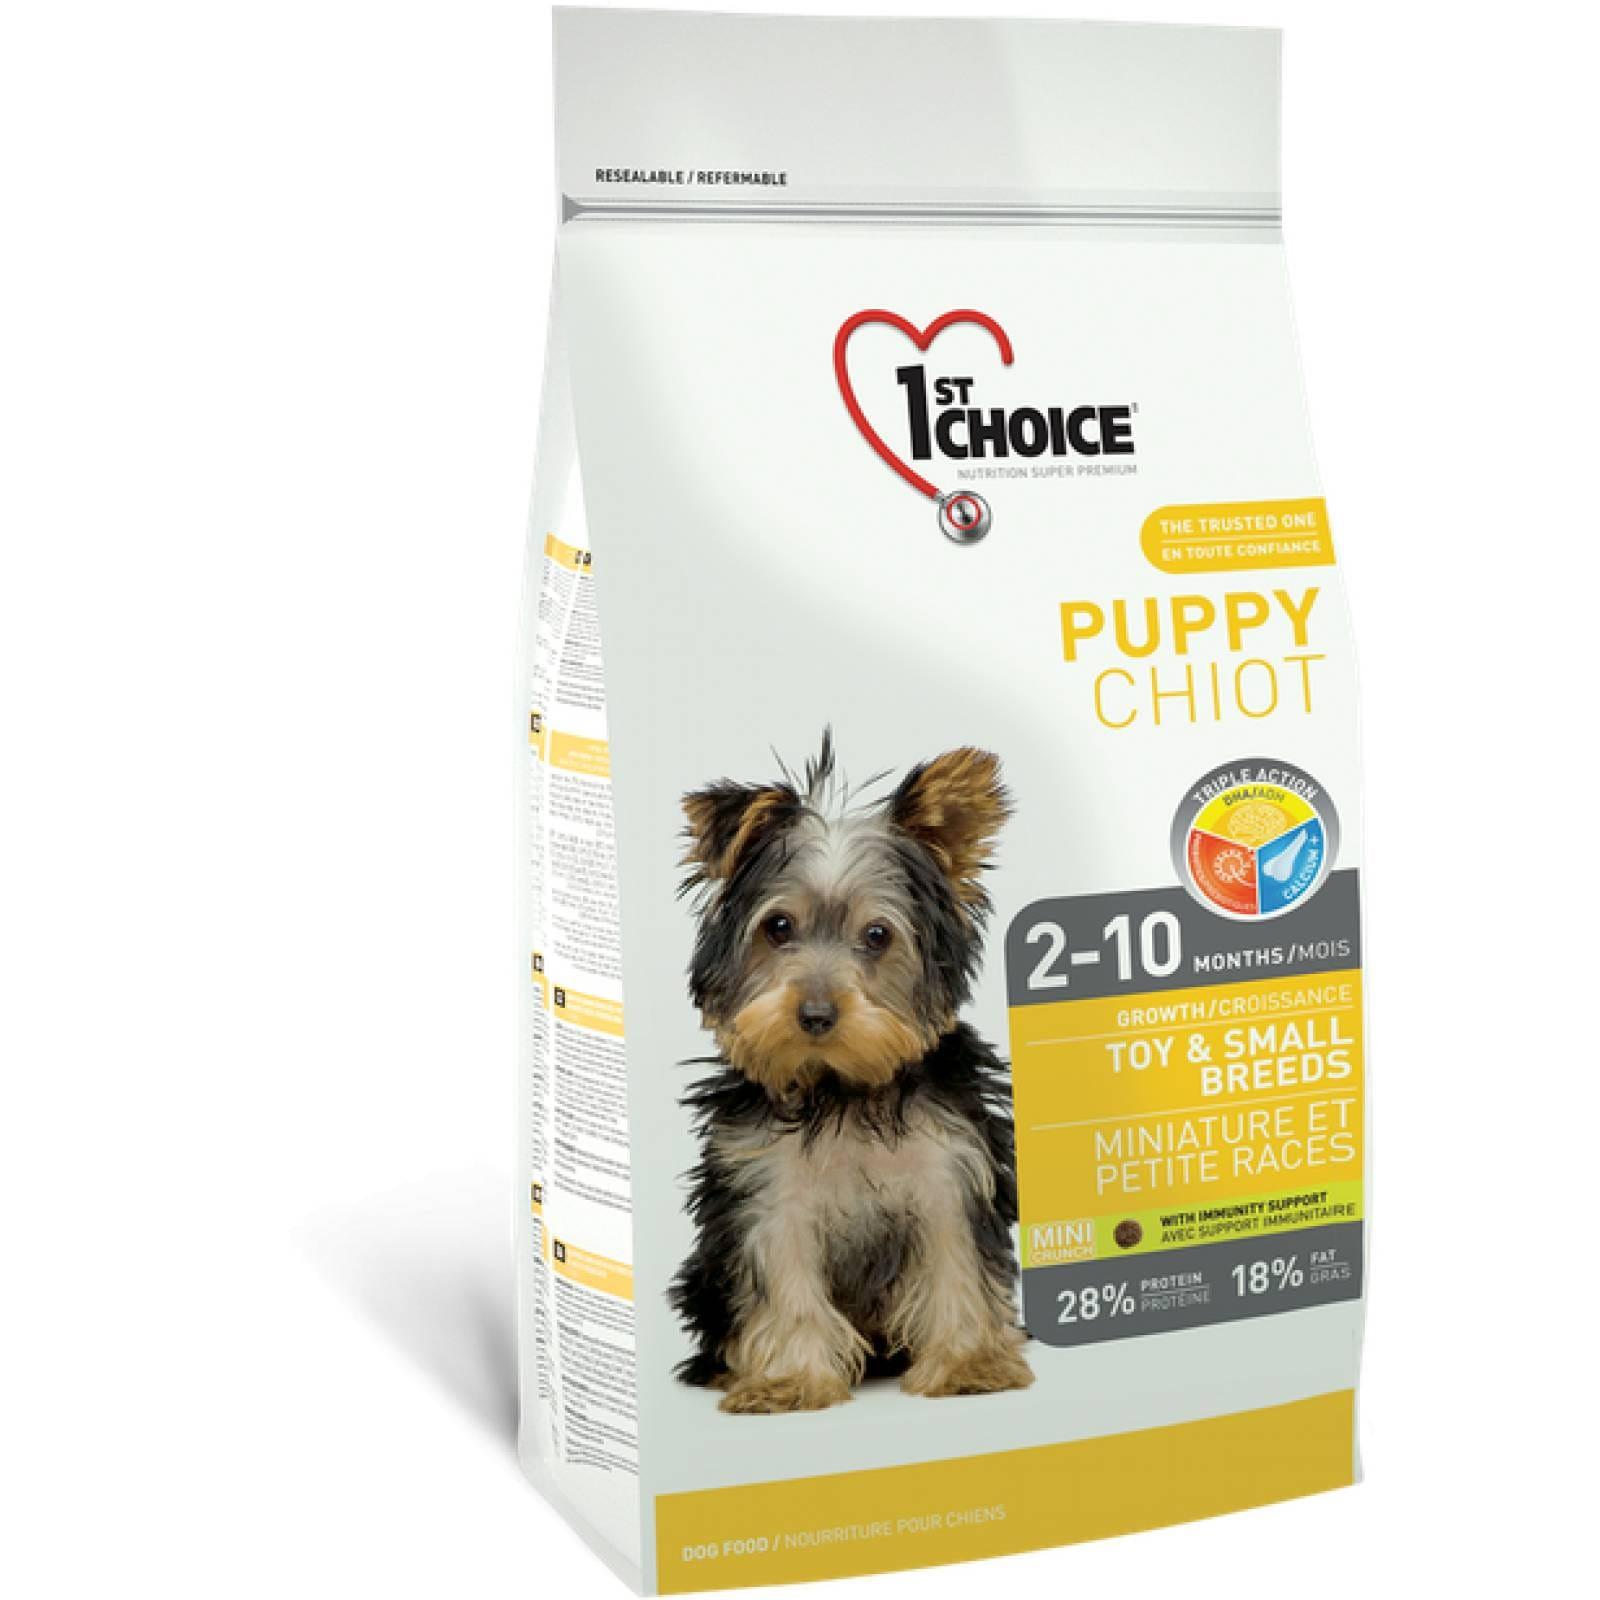 1ST Choice Alimento para Cachorro Mini y Raza Pequeñas Fórmula de pollo Edad: 2-10 meses 350 gr